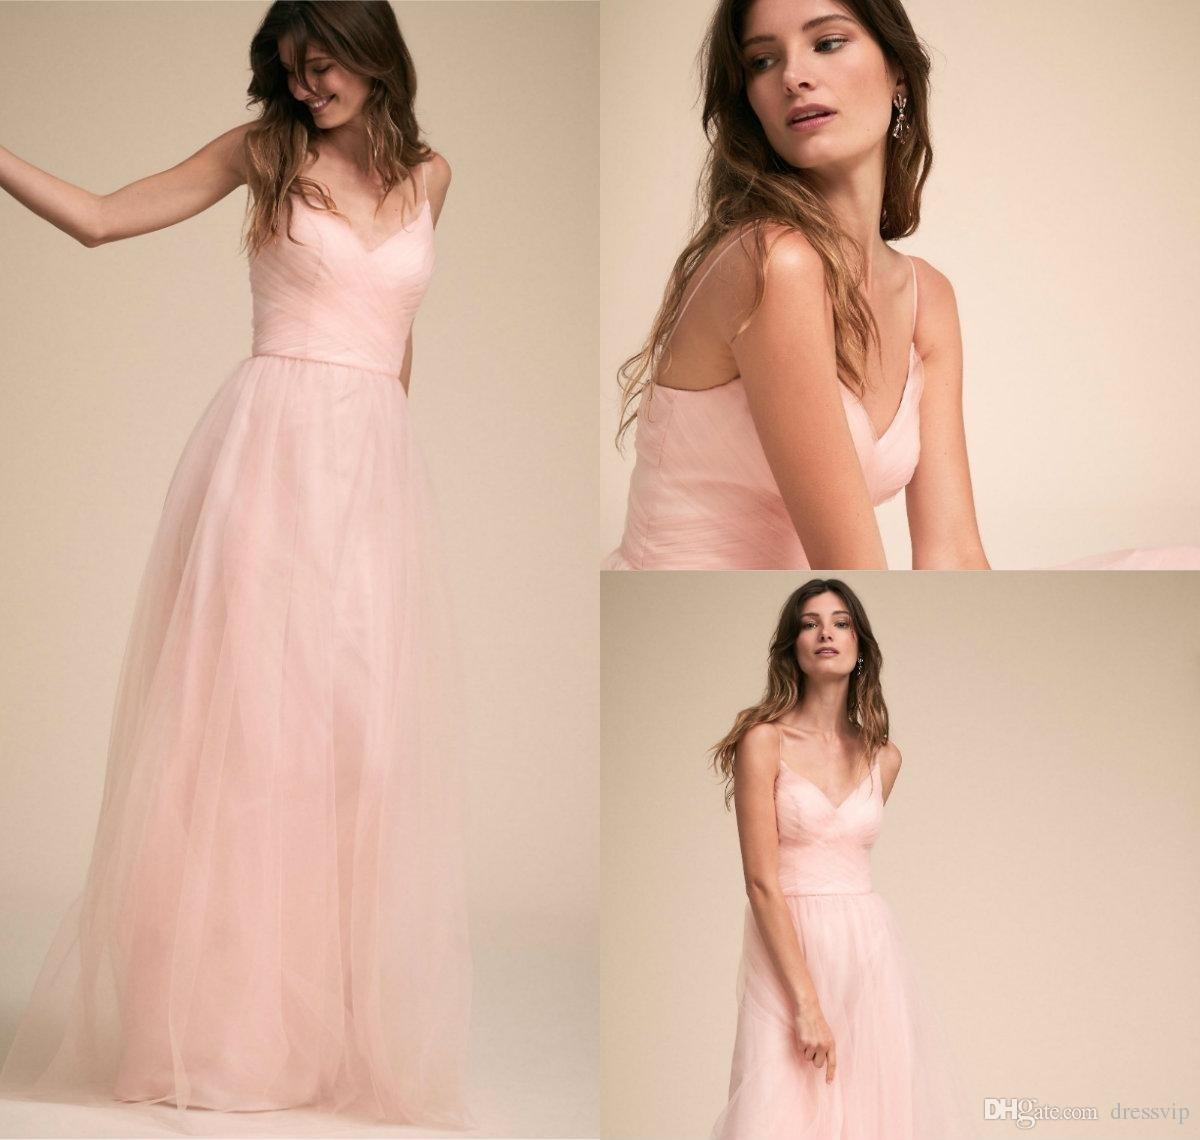 Designer Schön Kleid Rosa Hochzeit StylishAbend Coolste Kleid Rosa Hochzeit Vertrieb